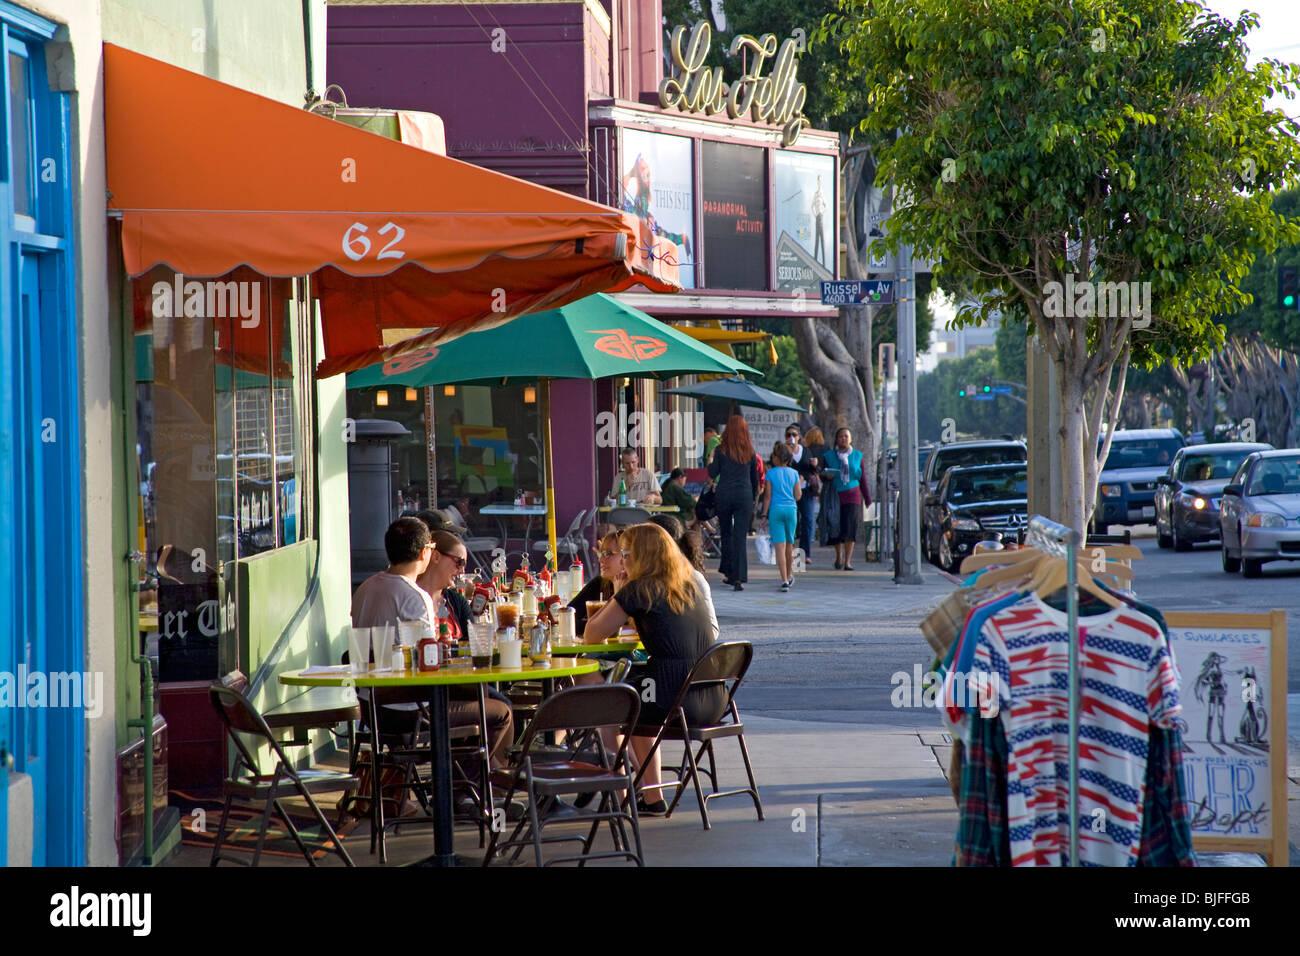 Fred 62, Vermont Ave, Los Feliz, Los Ángeles, California, Estados Unidos. Imagen De Stock